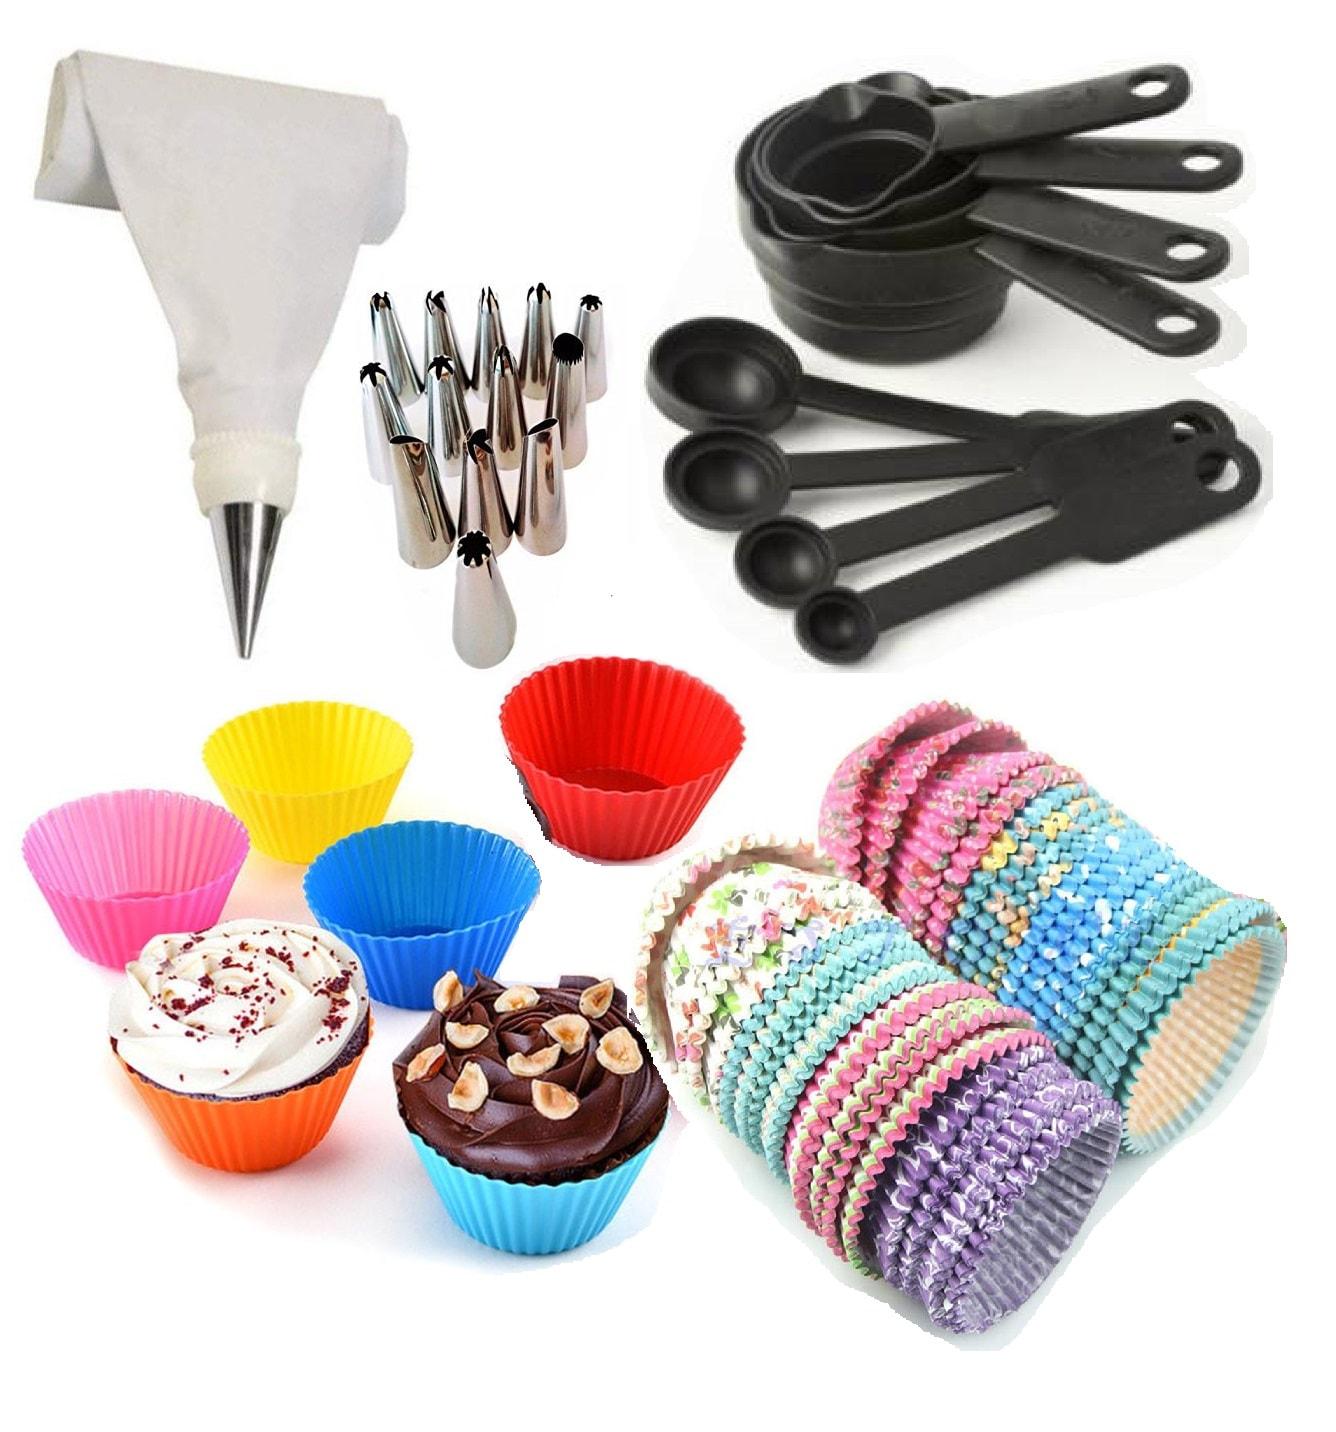 127pcs Baking Measuring Cake Decoration Tool Set